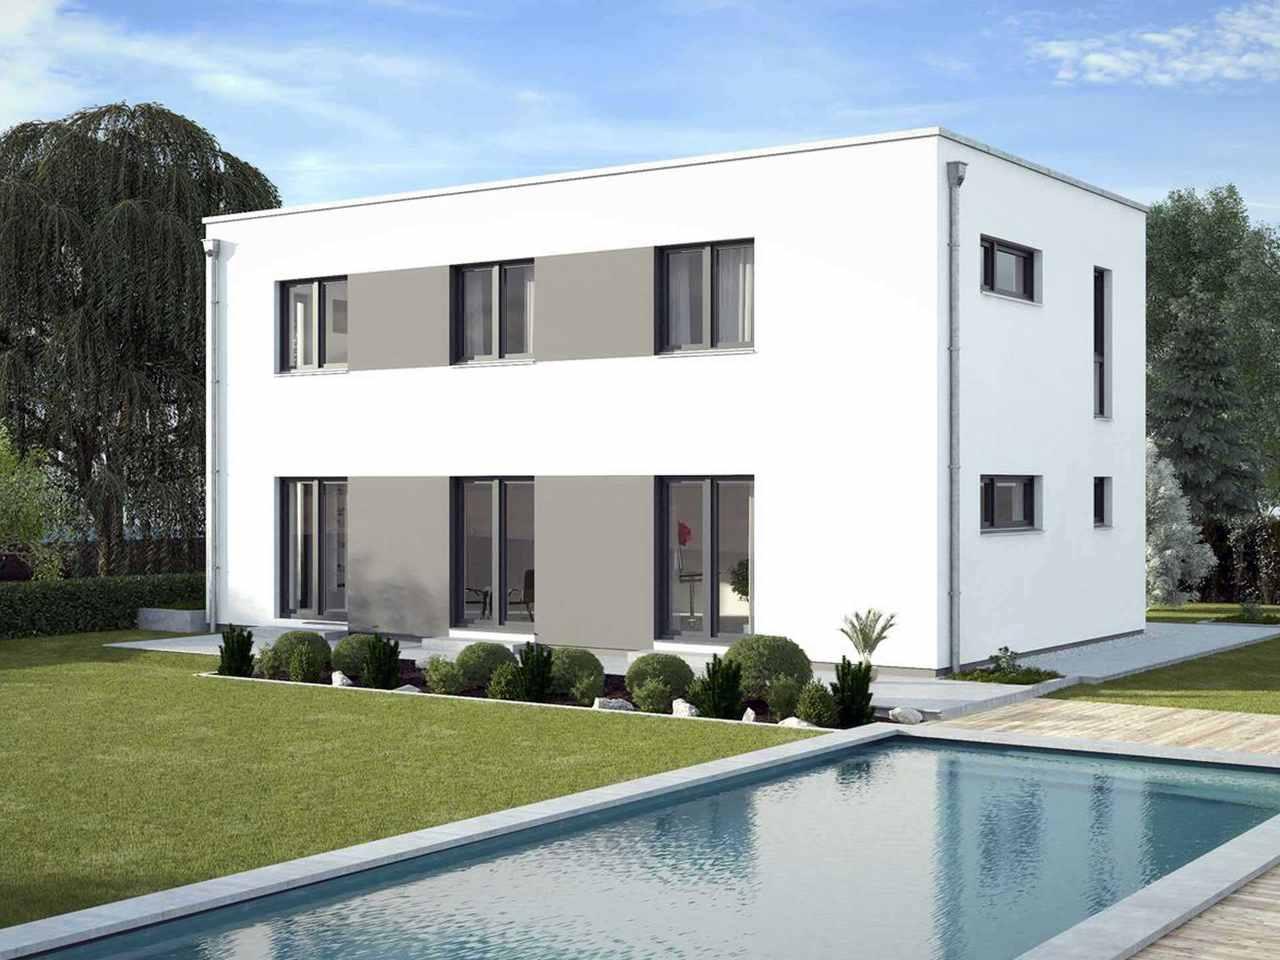 Kubus Haus Santa Monica - GUSSEK HAUS